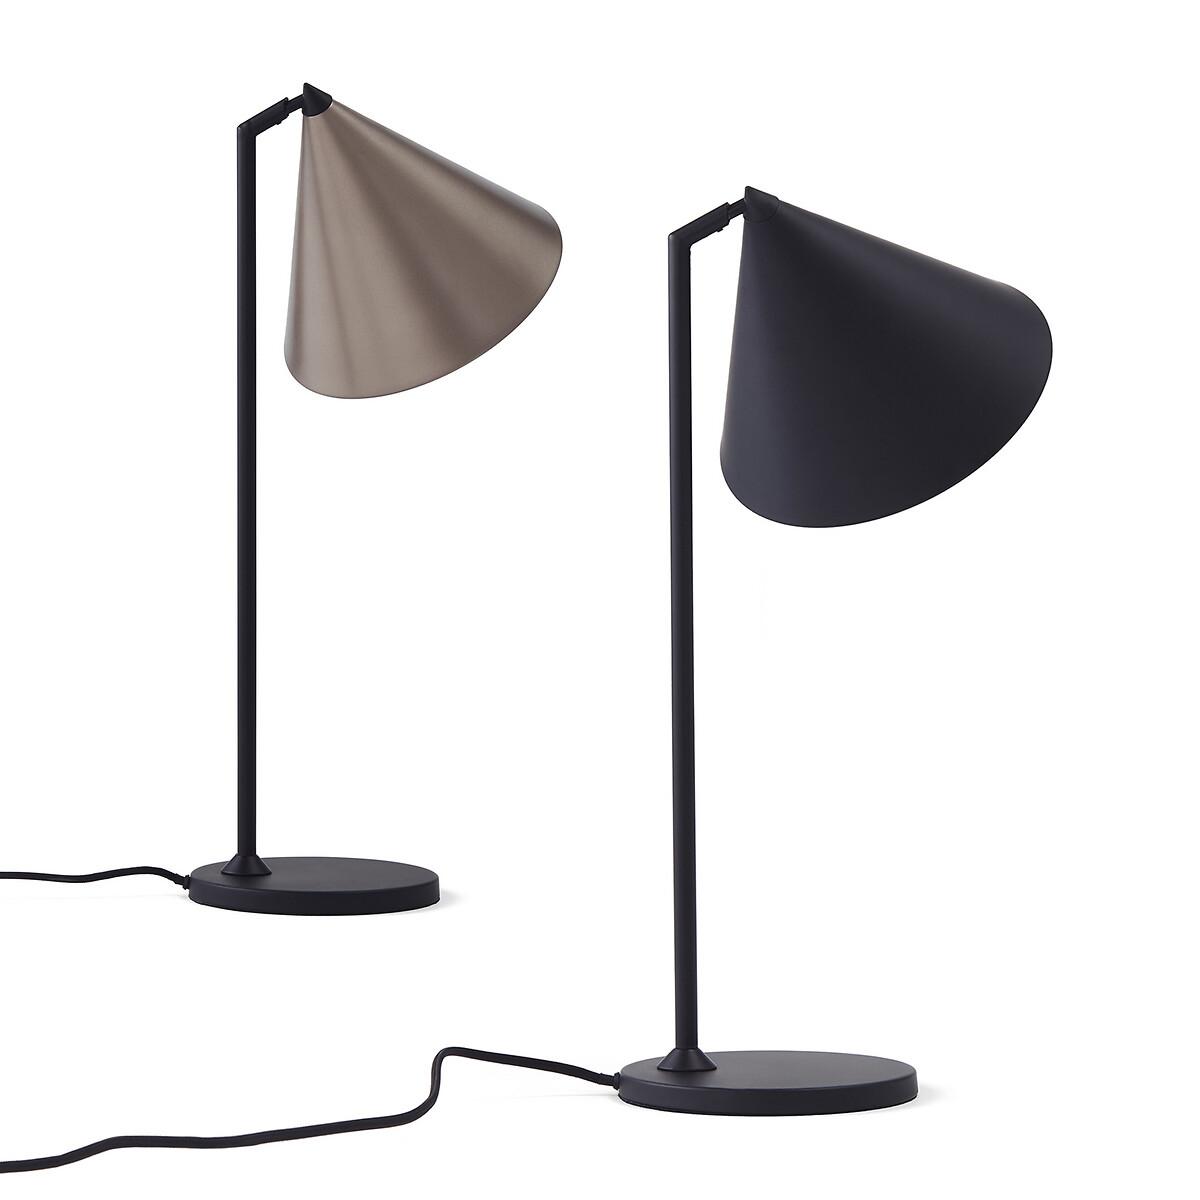 Moke Table Lamp